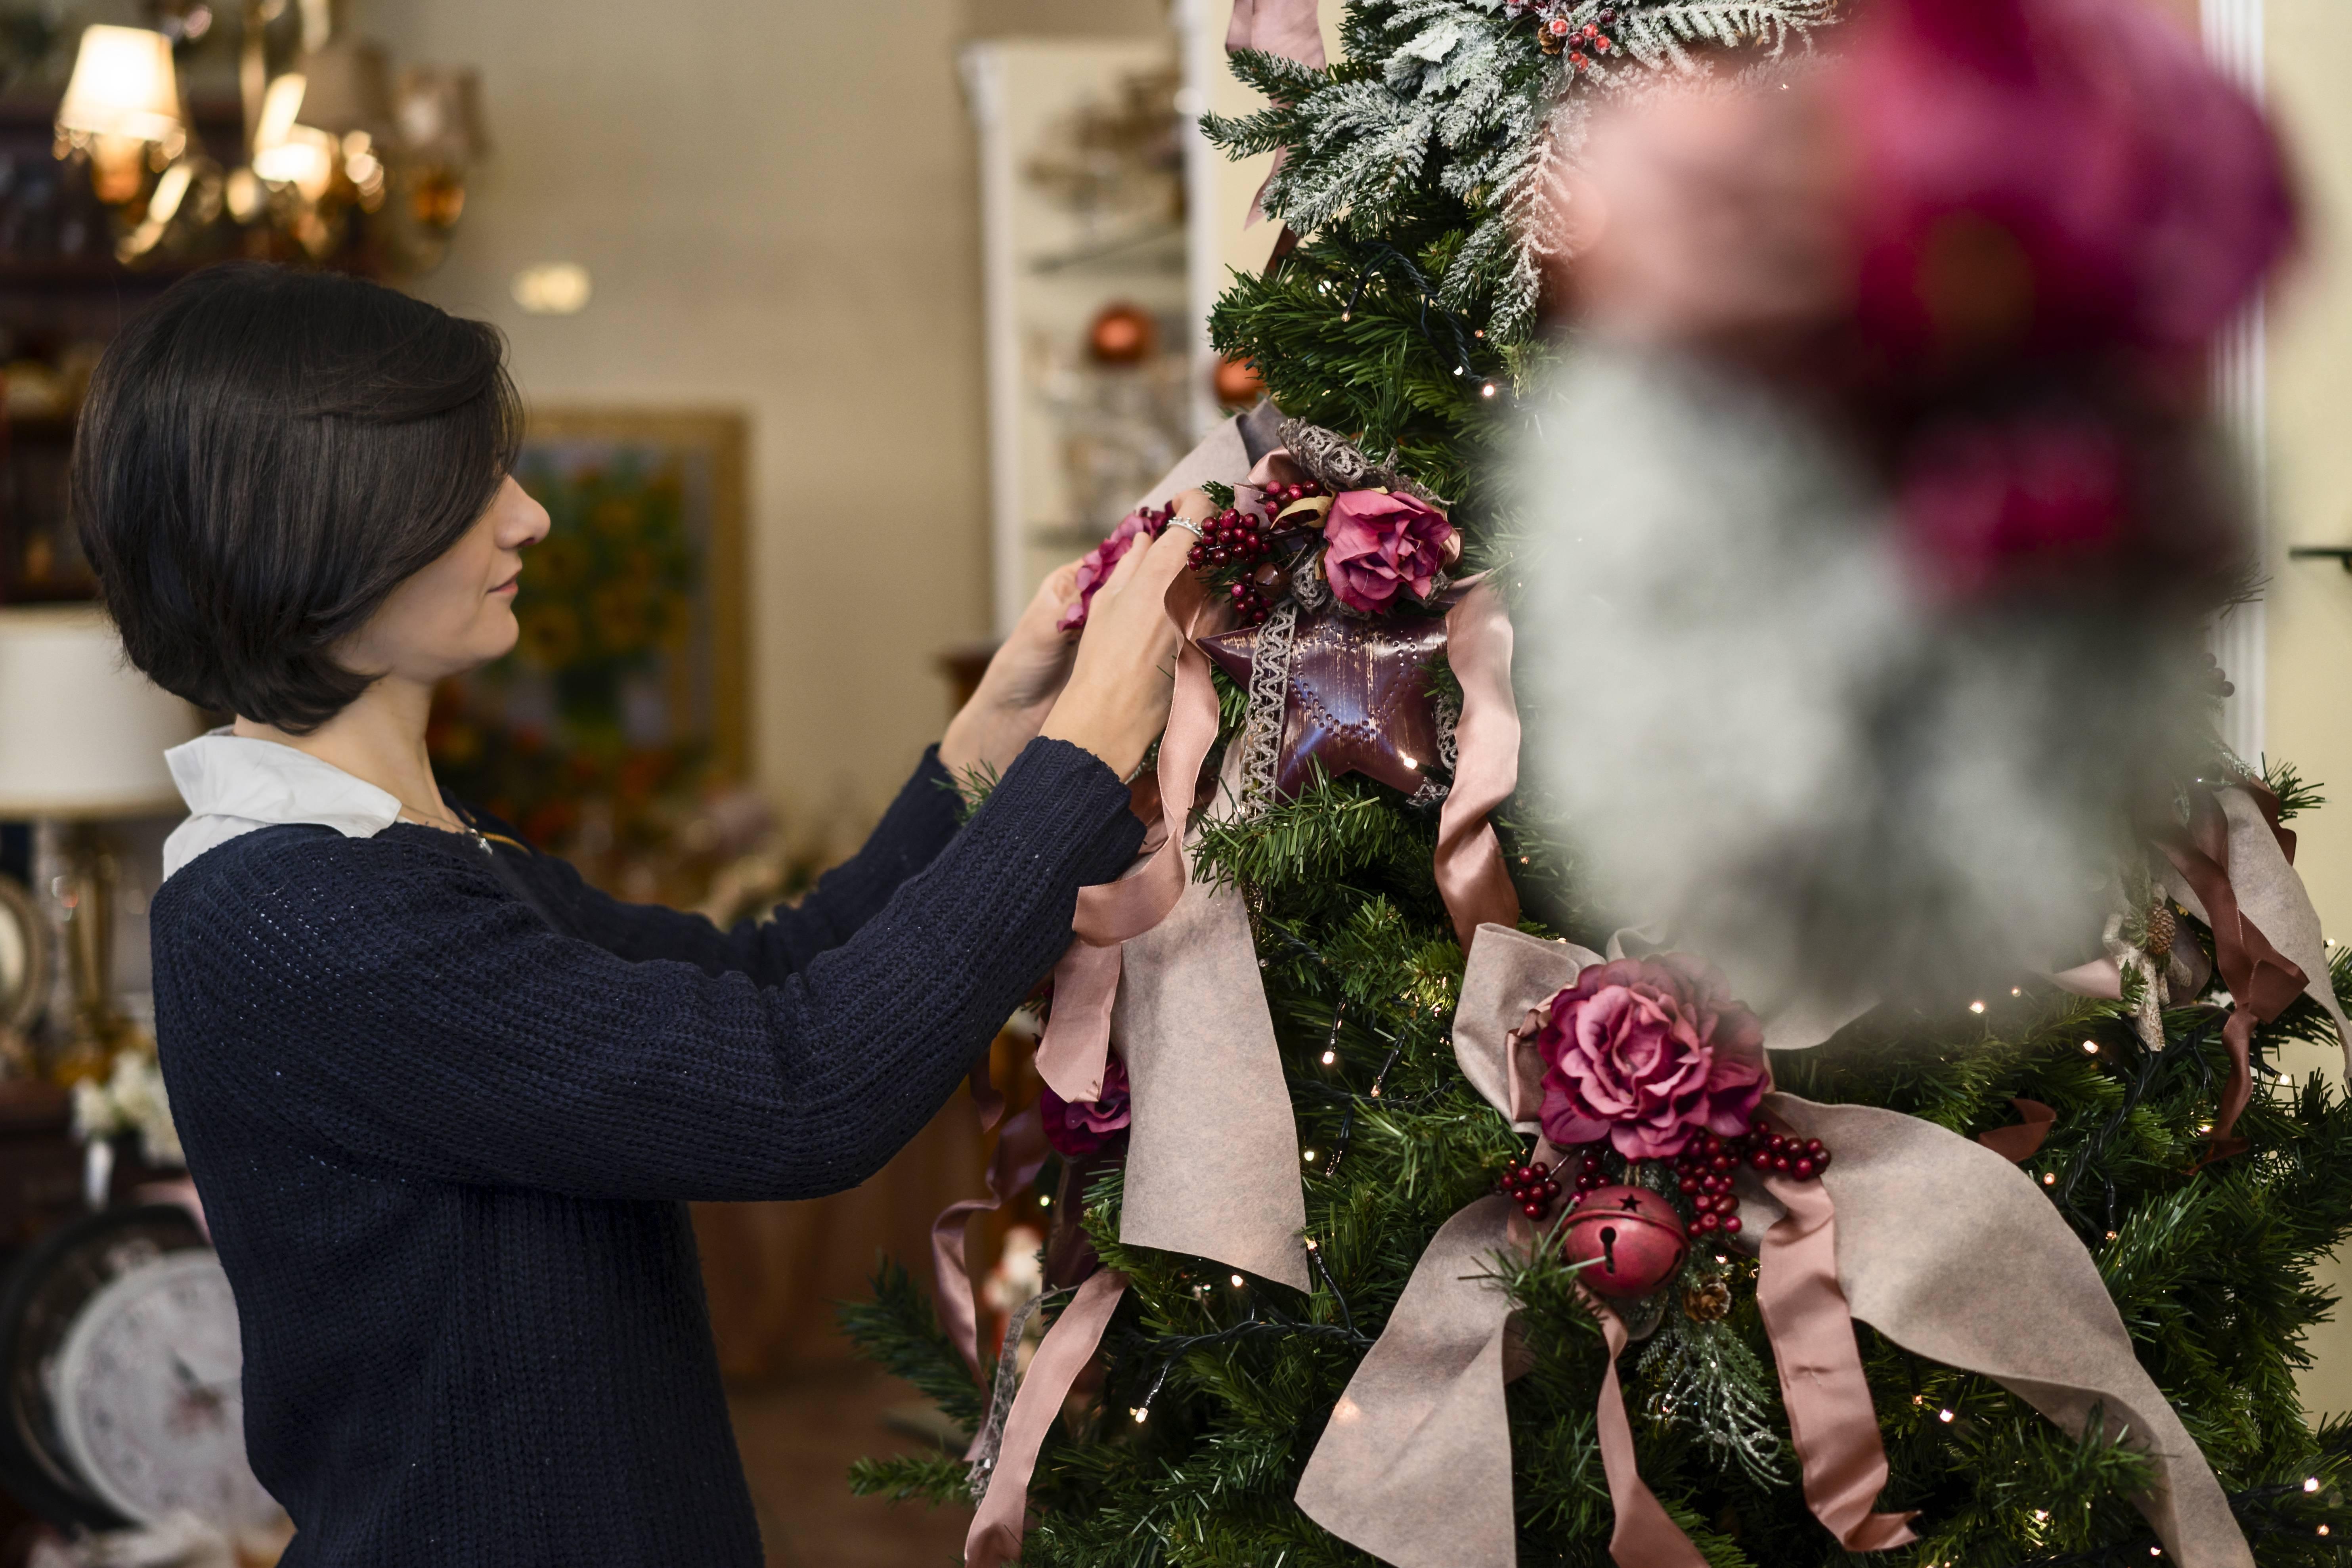 Preparare gli addobbi natalizi in anticipo rende più felici